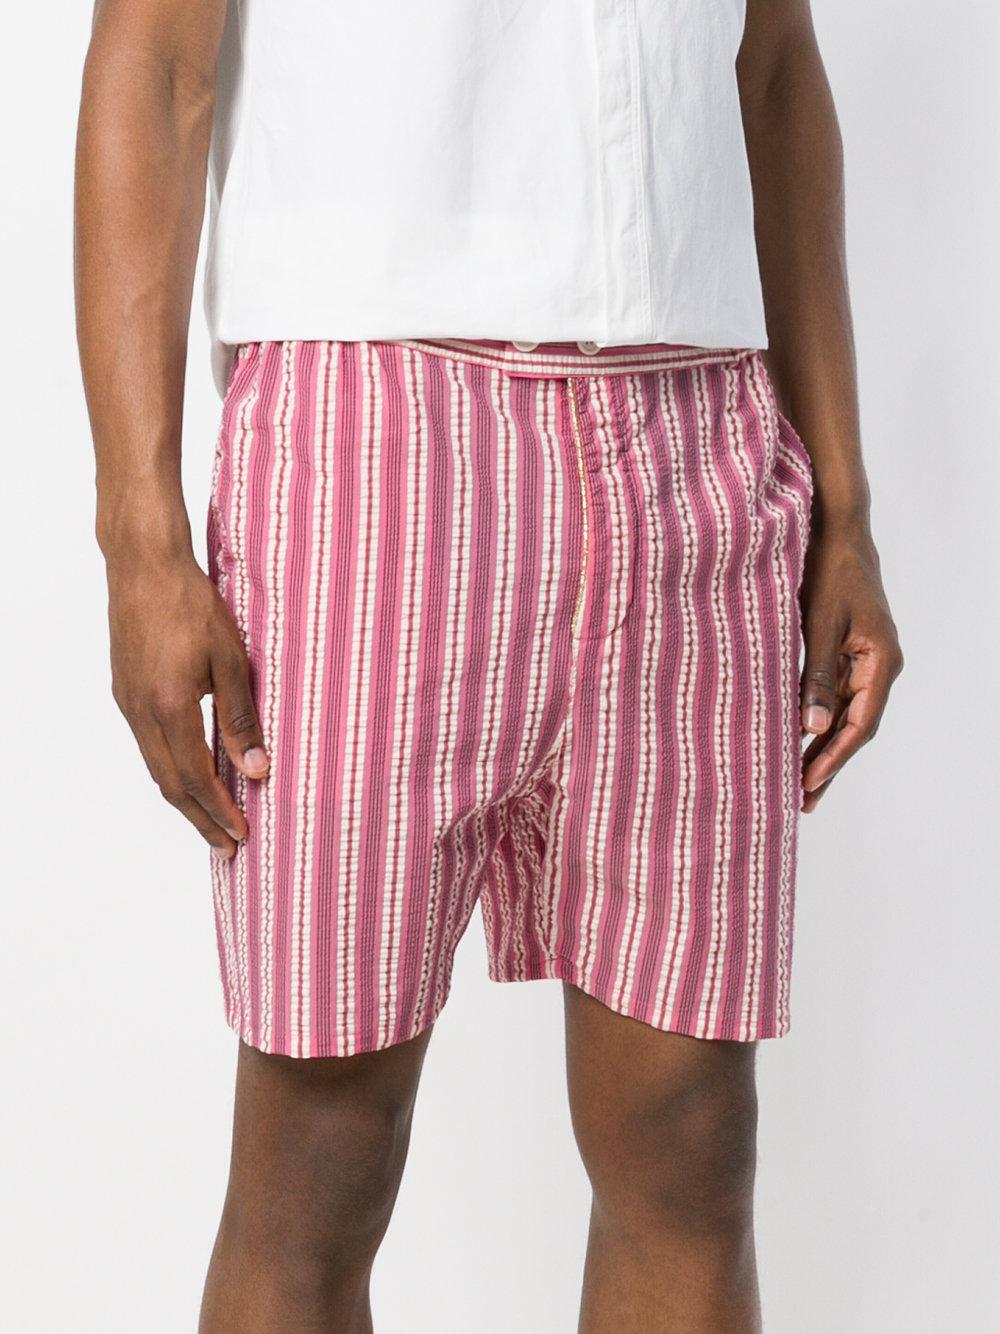 Spyjama shorts - Pink & Purple Henrik Vibskov Mybxy8